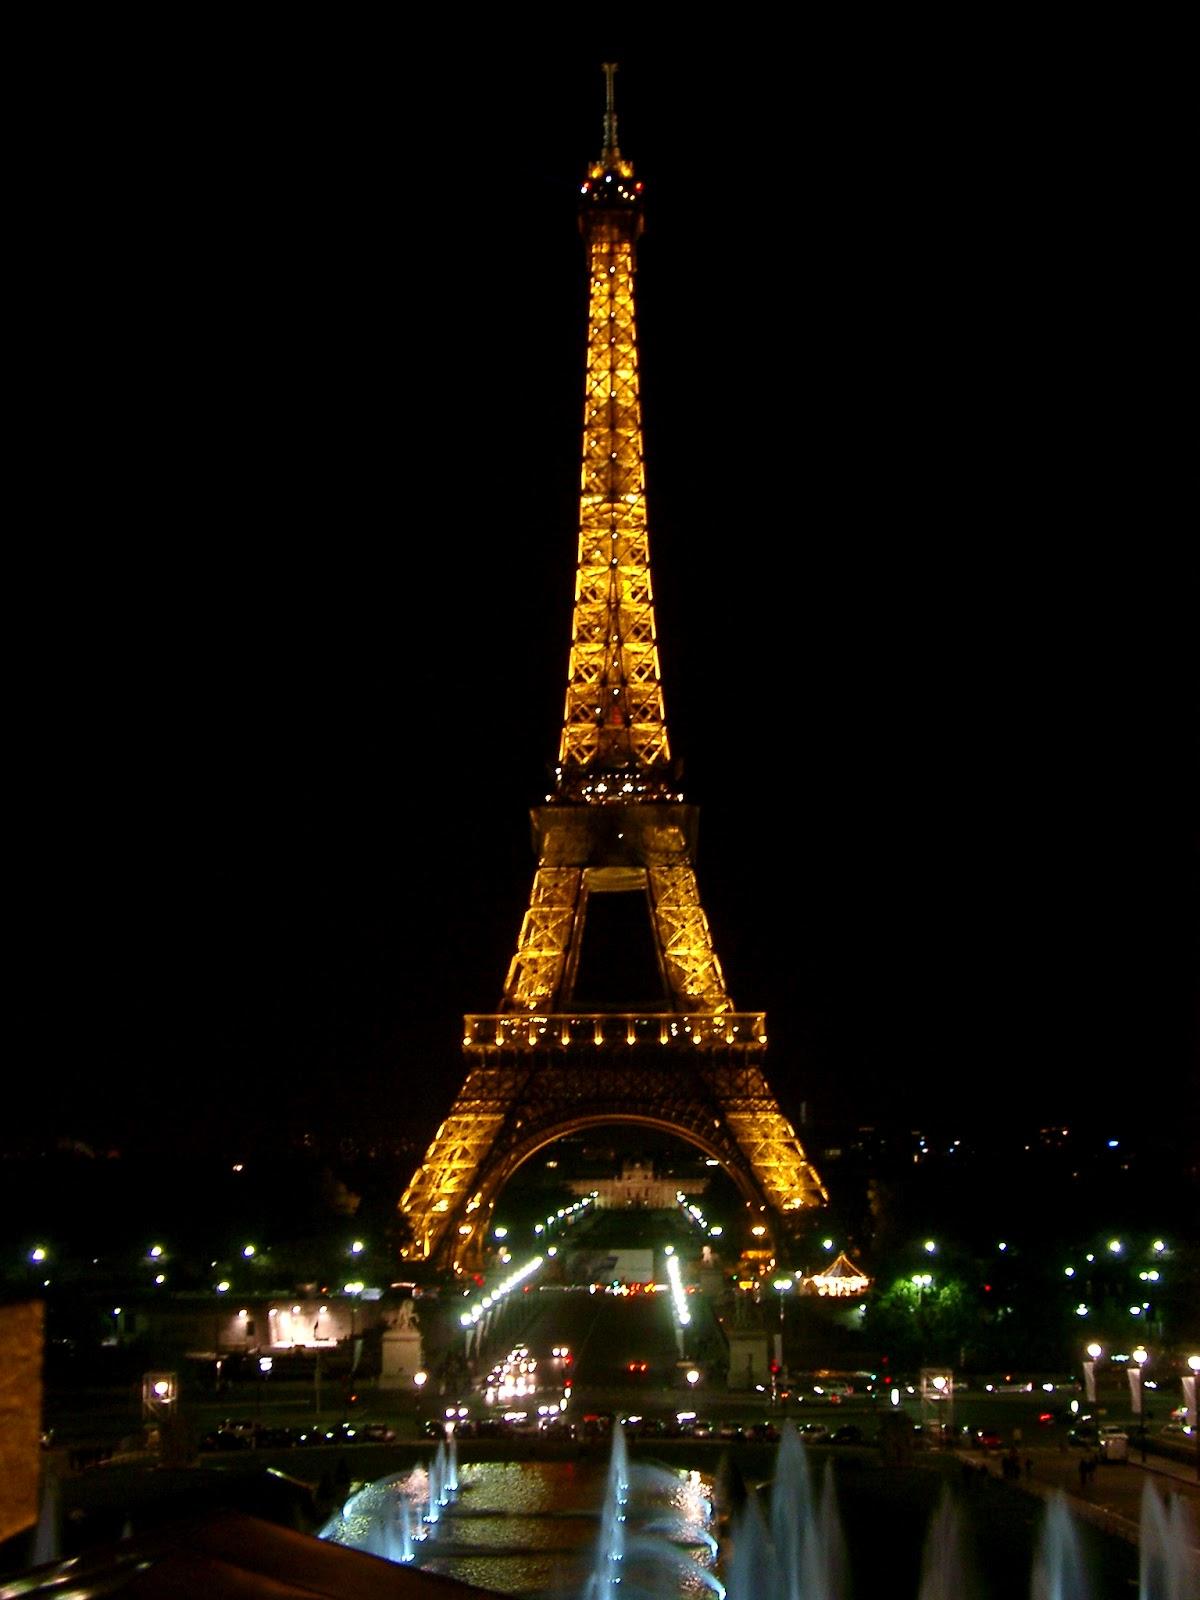 Eiffel tower eiffel tower evening below eiffel tower eiffel tower